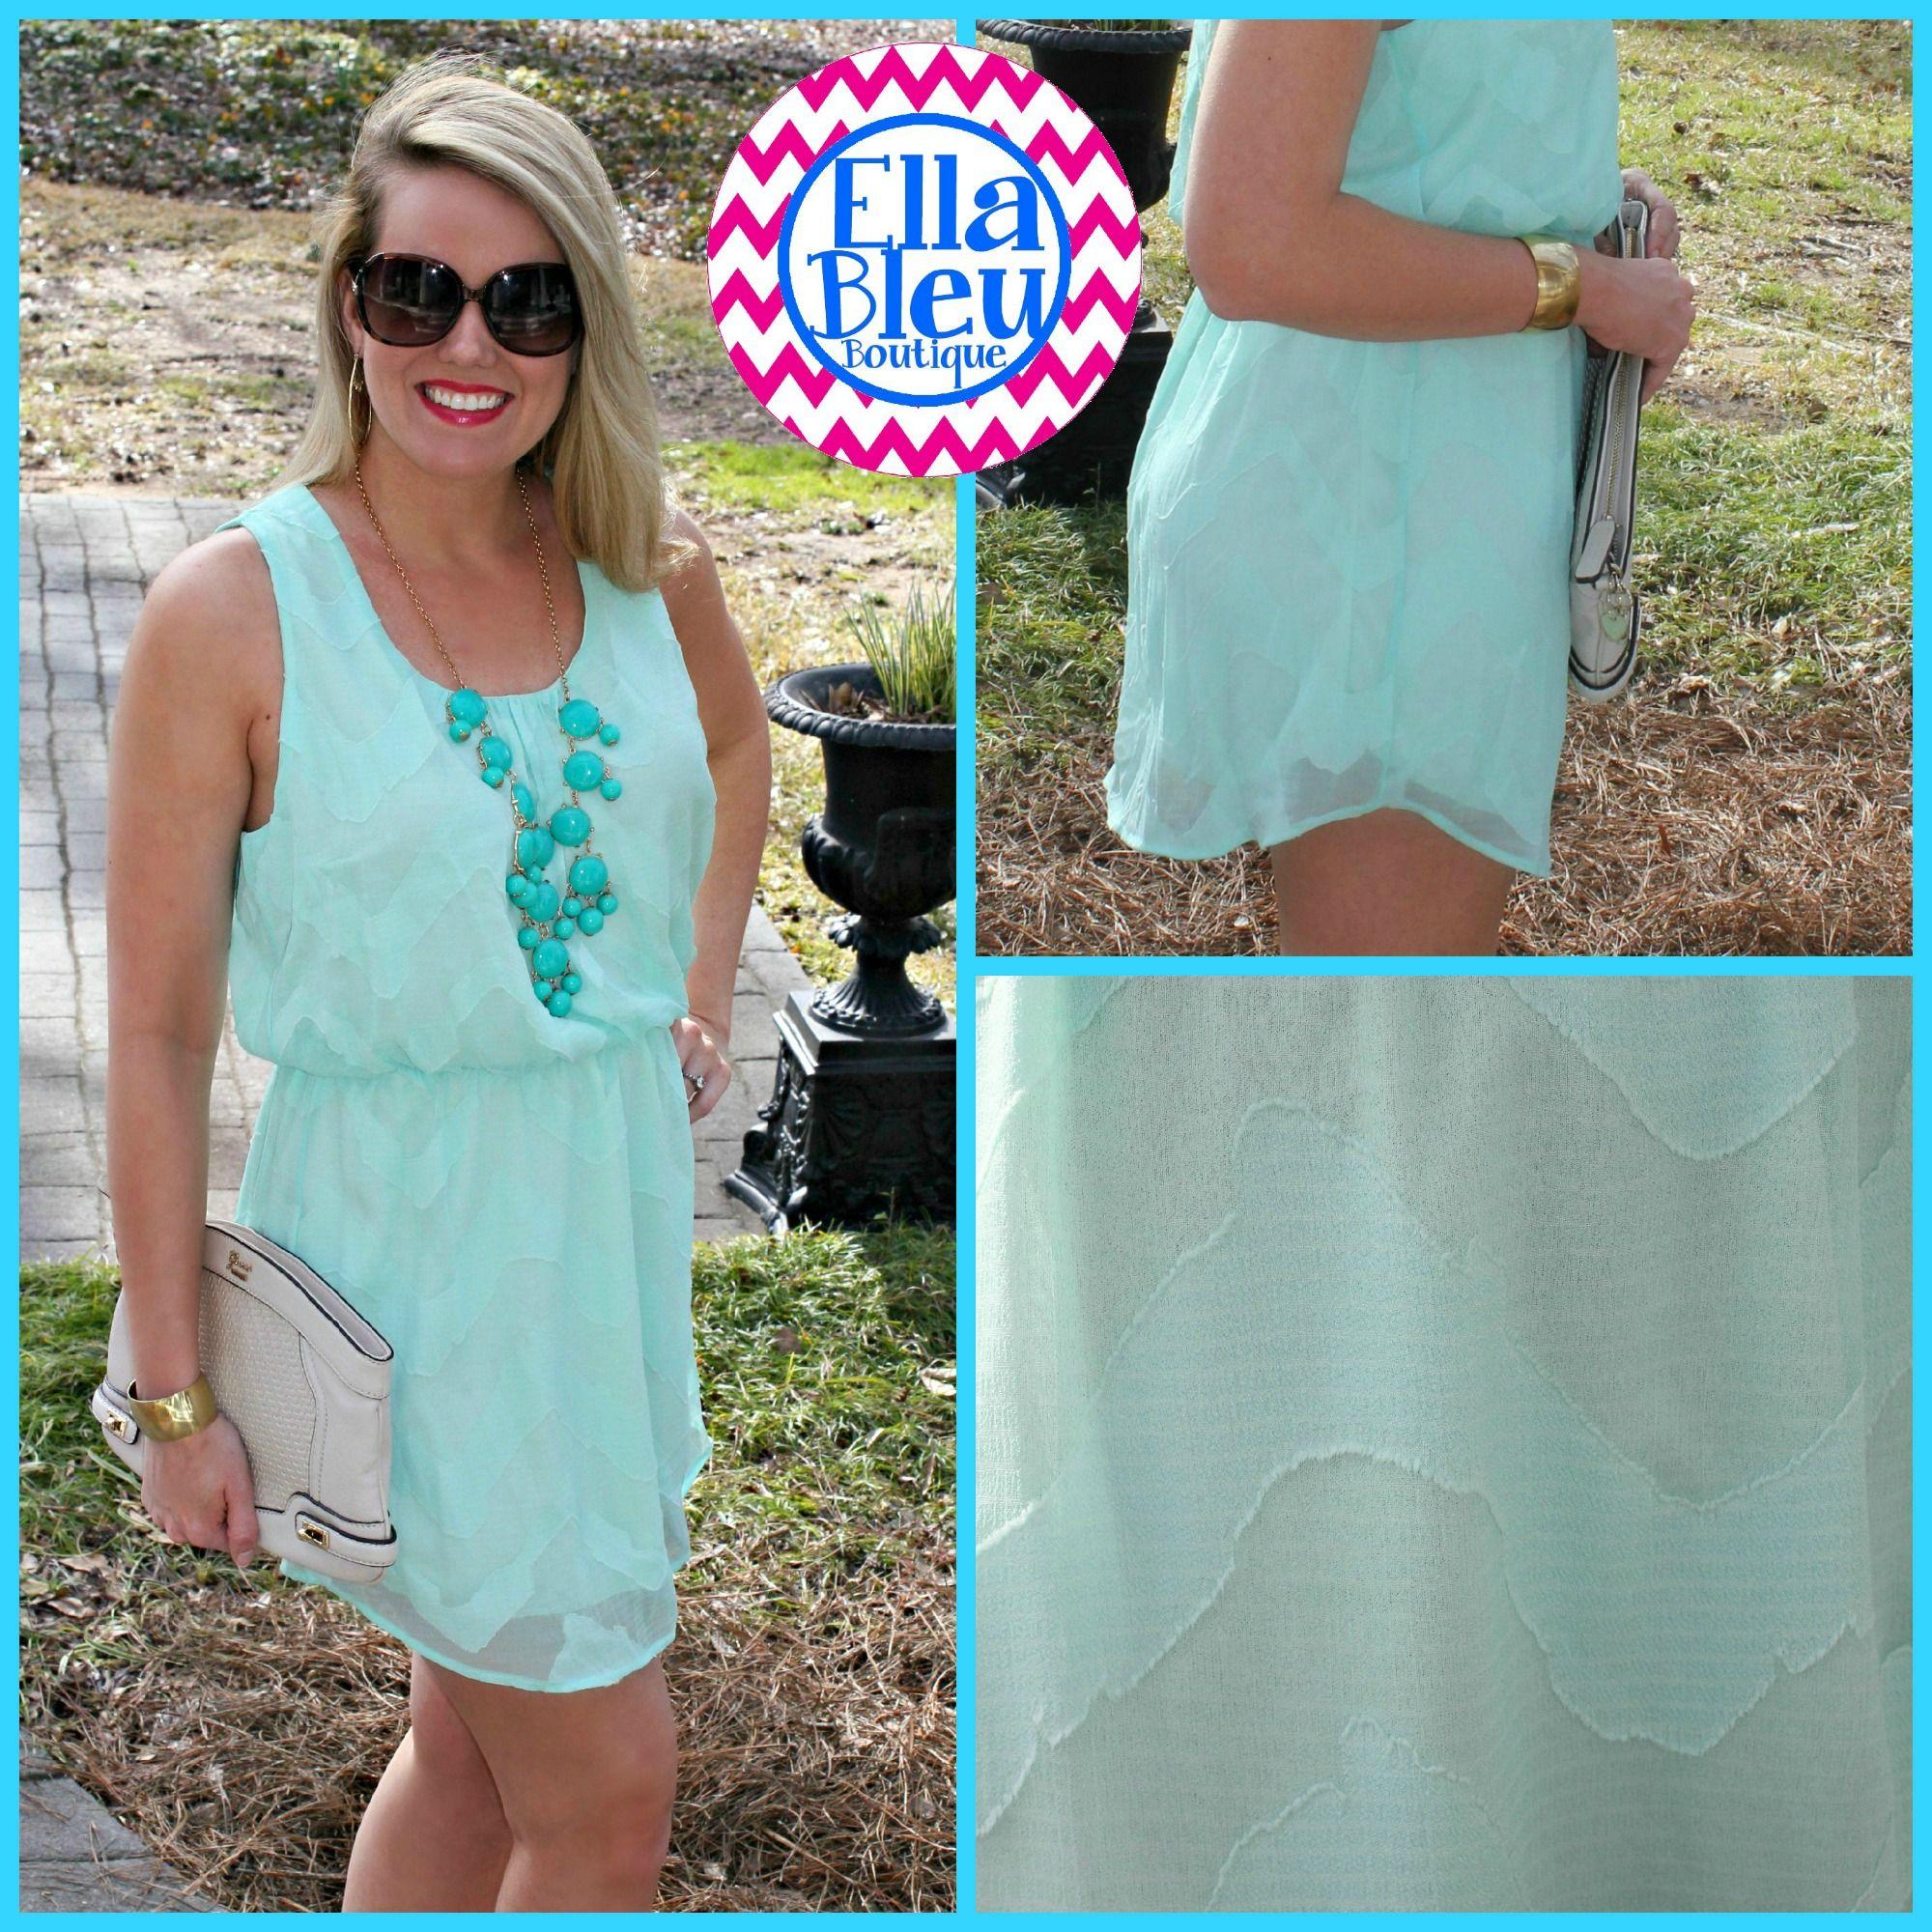 Mint with a turquoise statement necklace~LOVE! Shop Ella Bleu on FB for LESS! www.facebook.com/EllaBleuBoutique